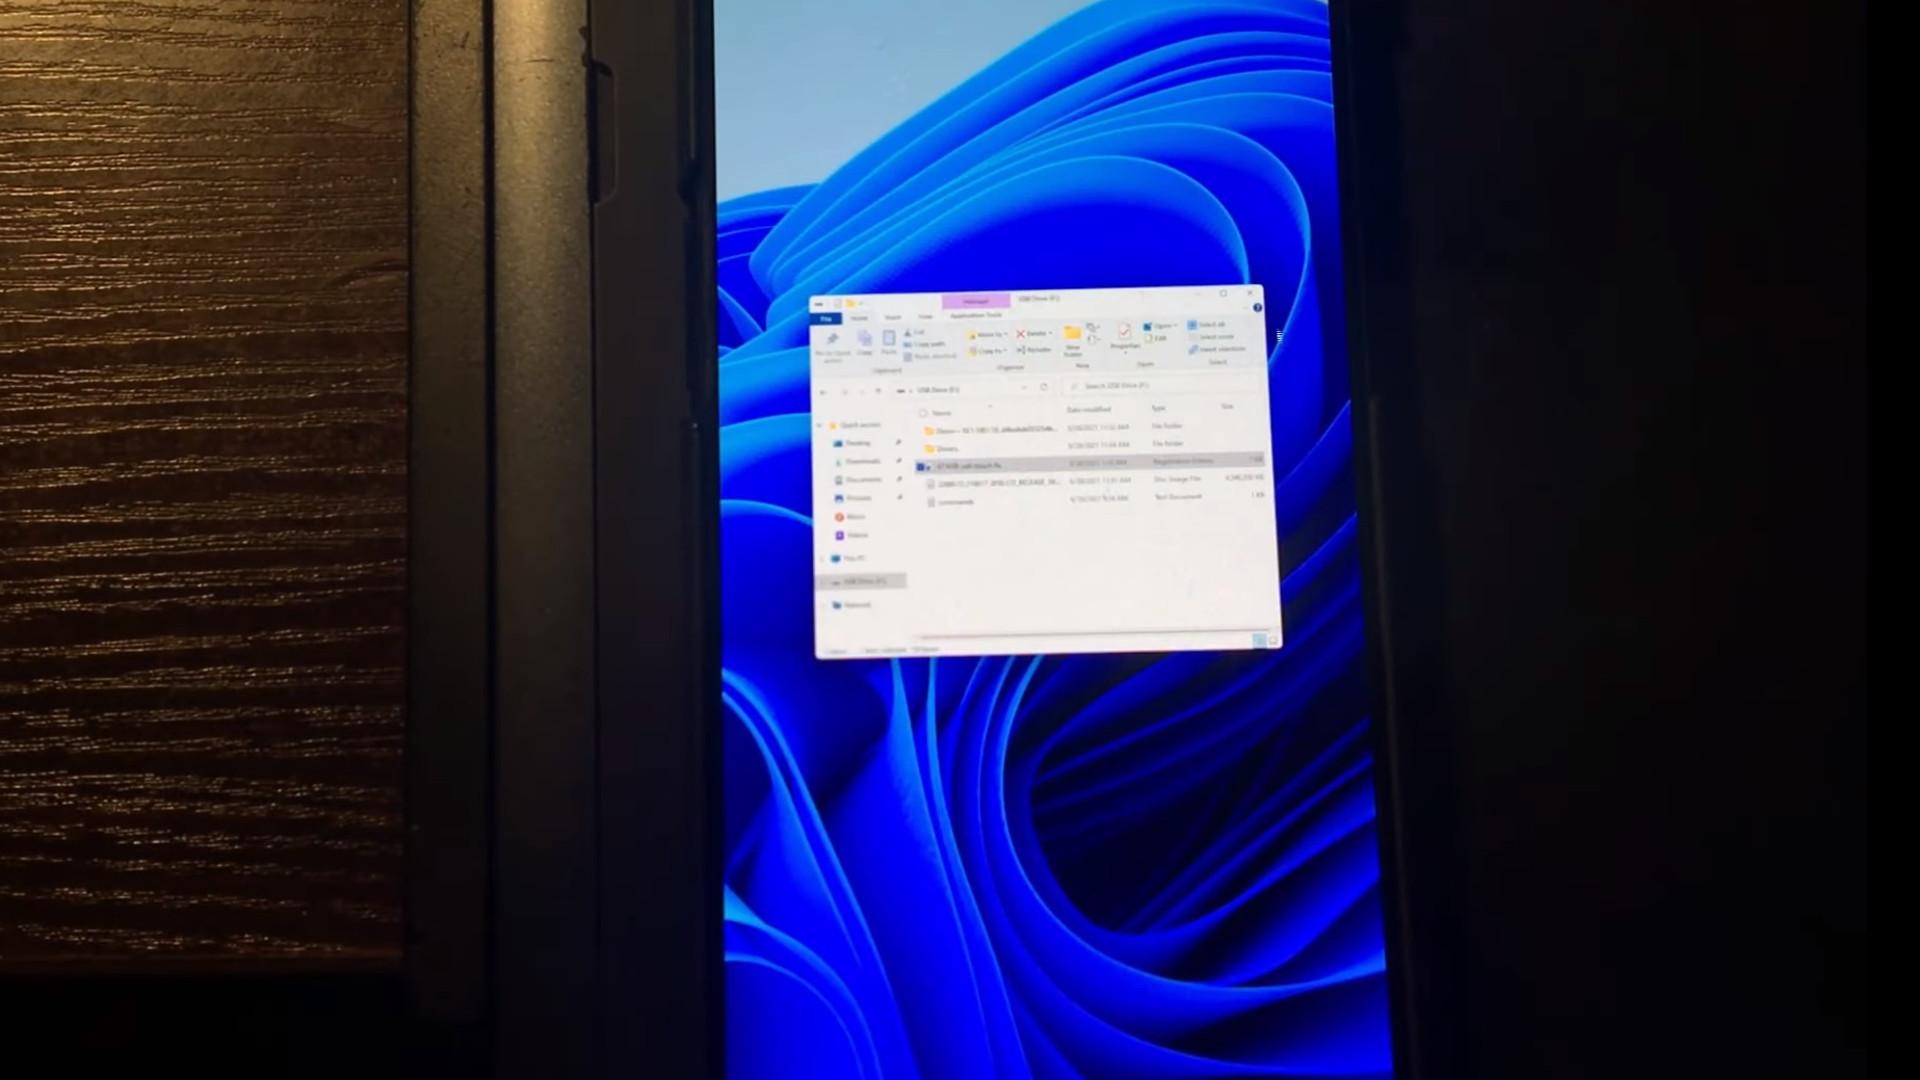 Se Windows 11 køre på en OnePlus 6T